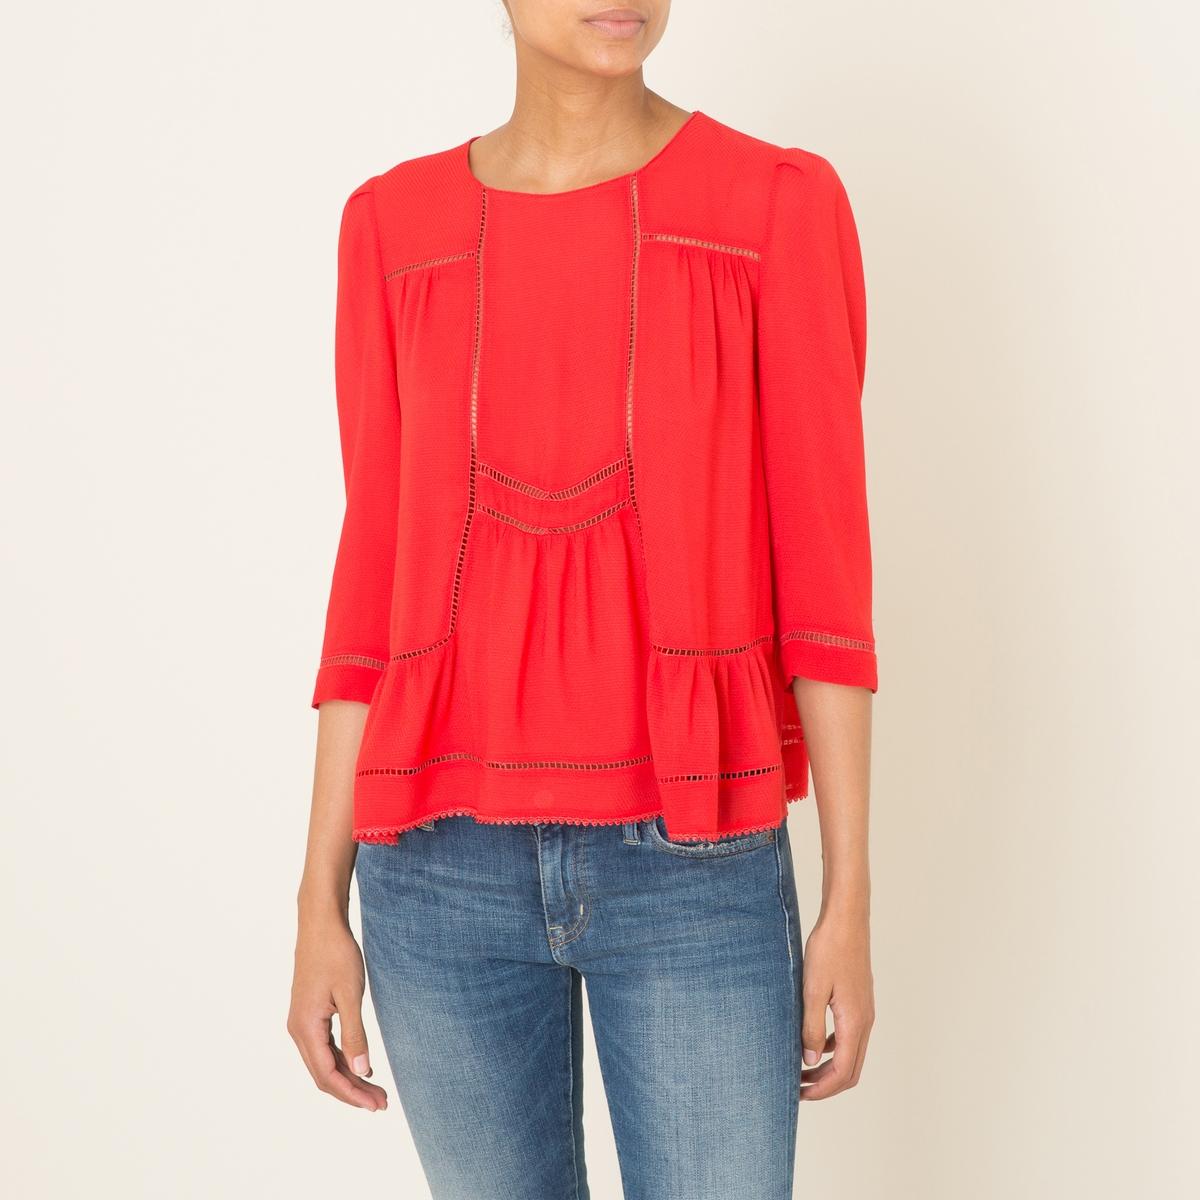 Блузка WOLTБлузка объемная BA&amp;SH - модель WOLT из вуали. Круглый вырез. Рукава до локтей. Ажурная вышивка. Расклешенный низ. Состав и описание    Материал : 100% полиэстер   Марка : BA&amp;SH<br><br>Цвет: красный